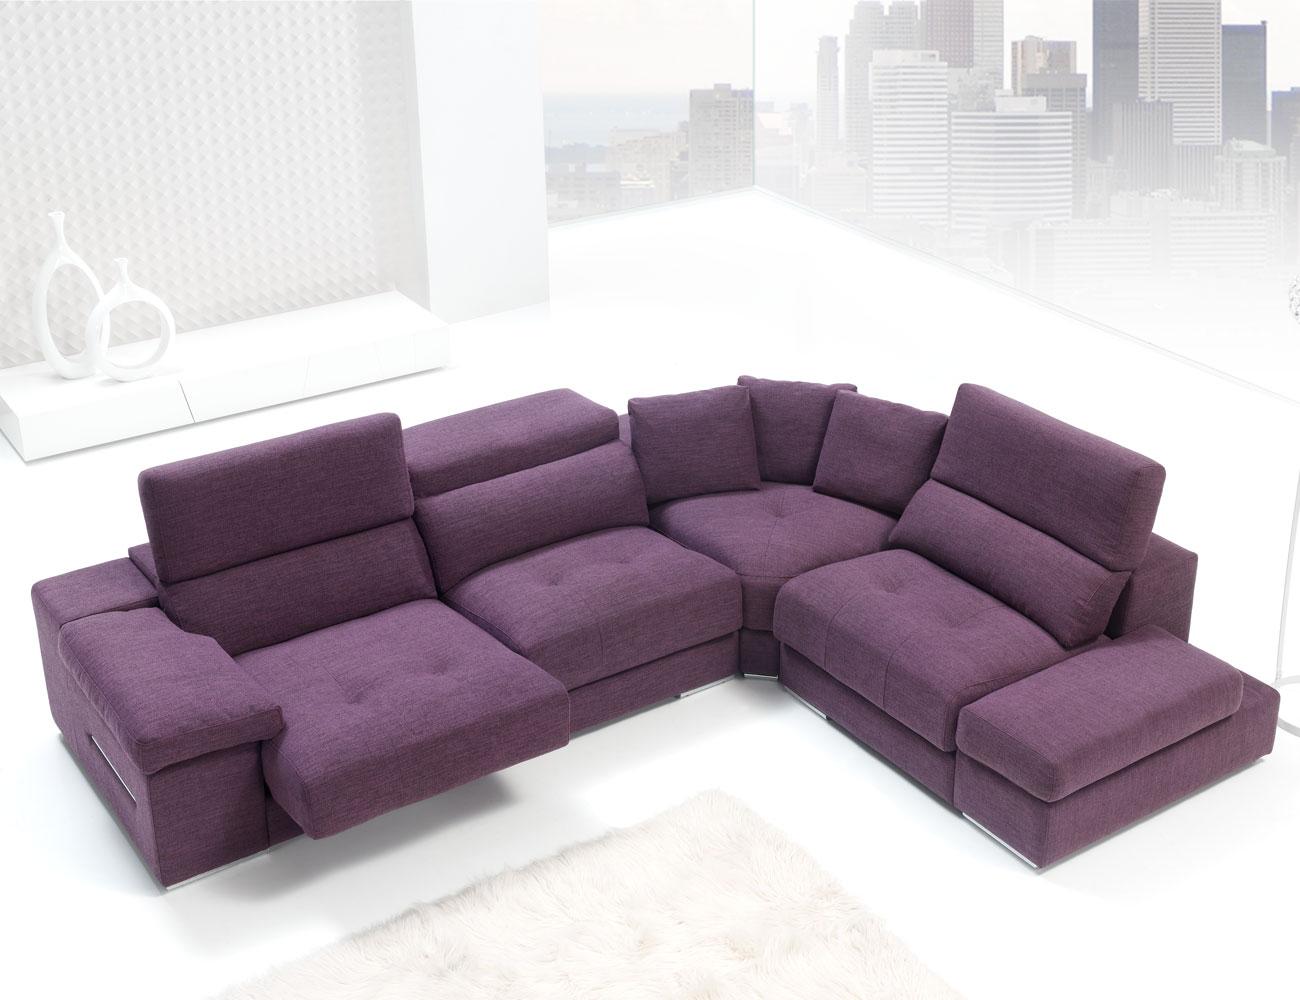 Sofa chaiselongue rincon con brazo mecanico tejido anti manchas 278